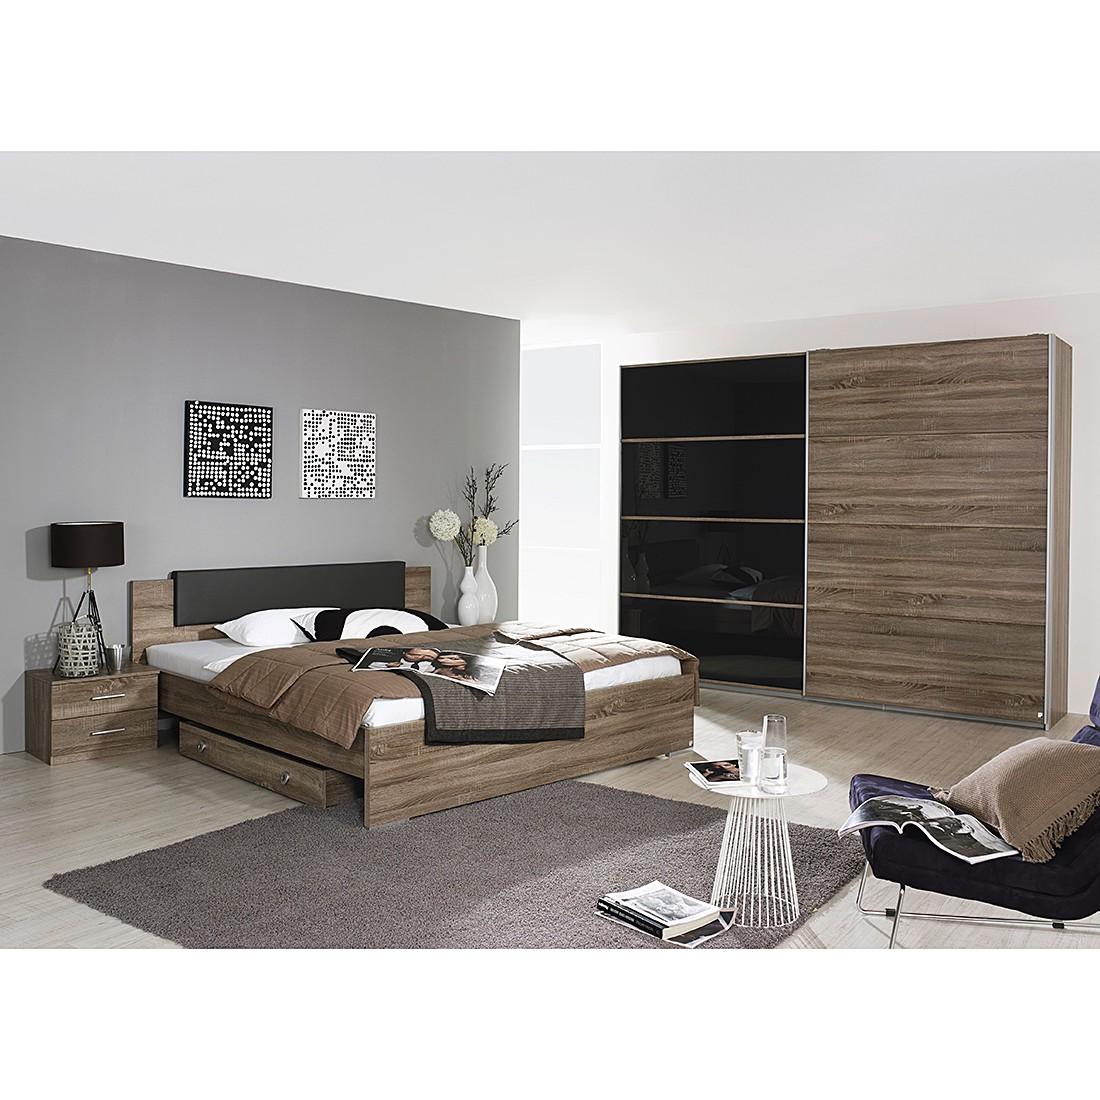 Komplettzimmer Classic Oak – Eiche Havanna/Basalt – Liegefläche Bett: 160 x 200cm, Rauch bestellen